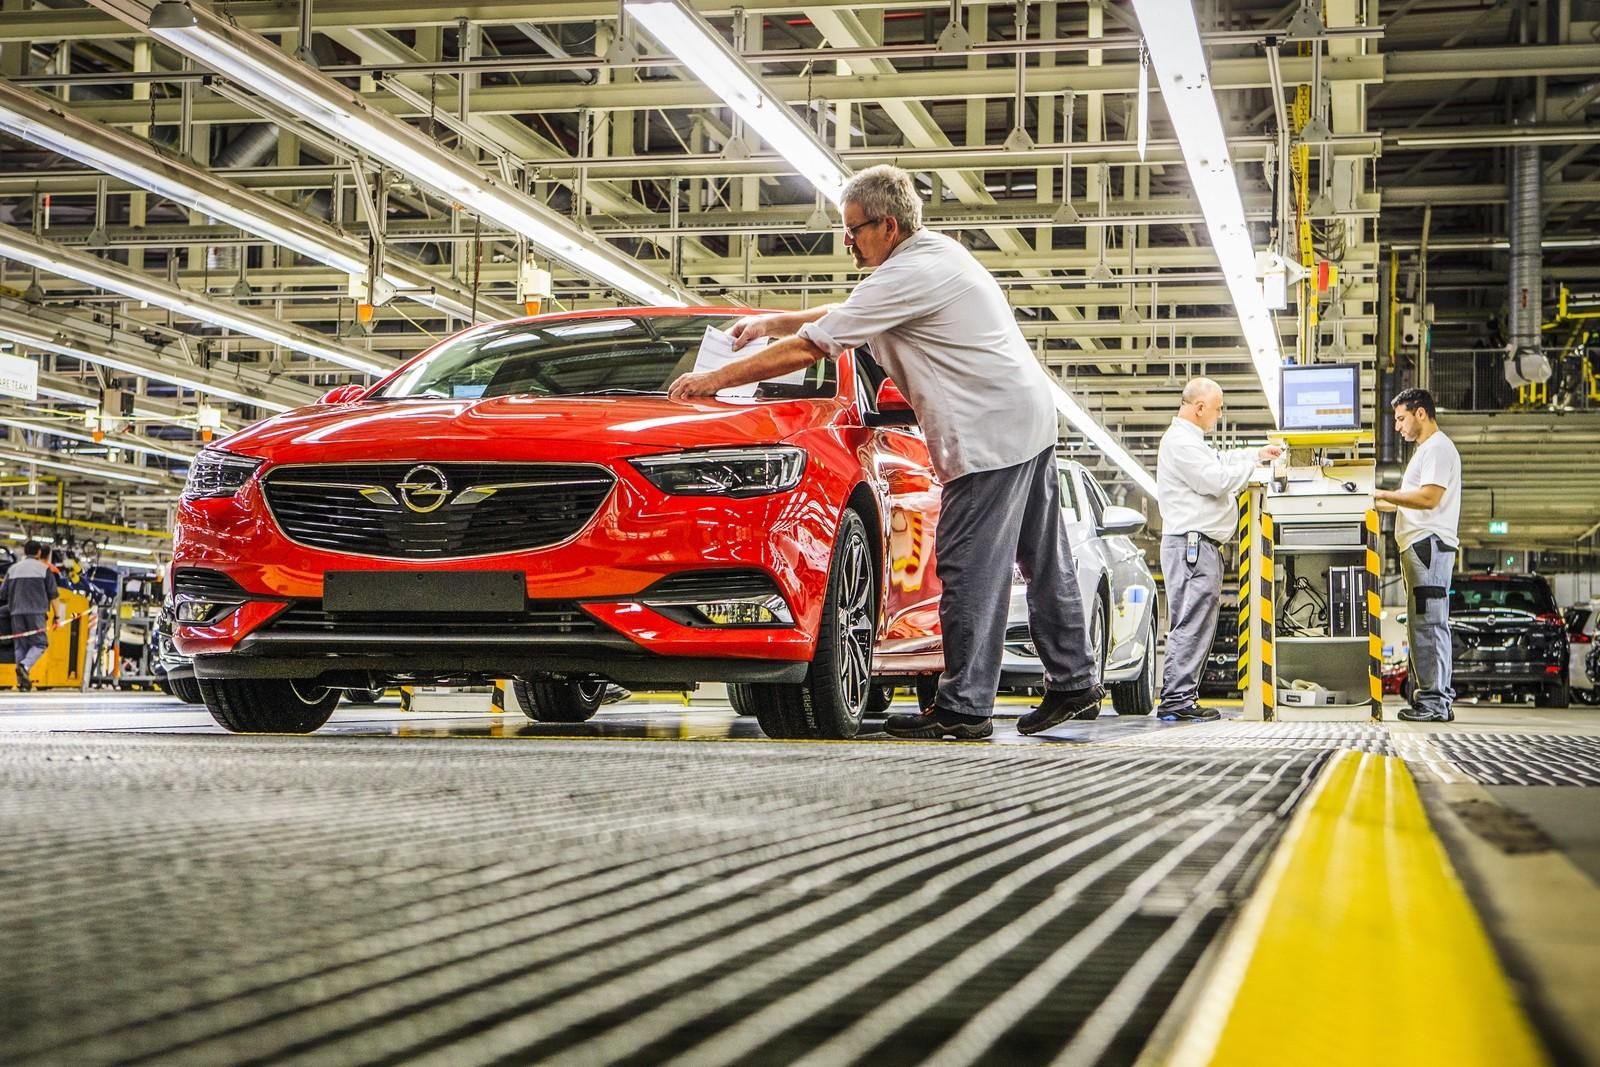 Новая Astra будет производиться в Рюссельсхайме параллельно со старшей моделью Insignia – последней, разработанной во времена хозяйствования GM.